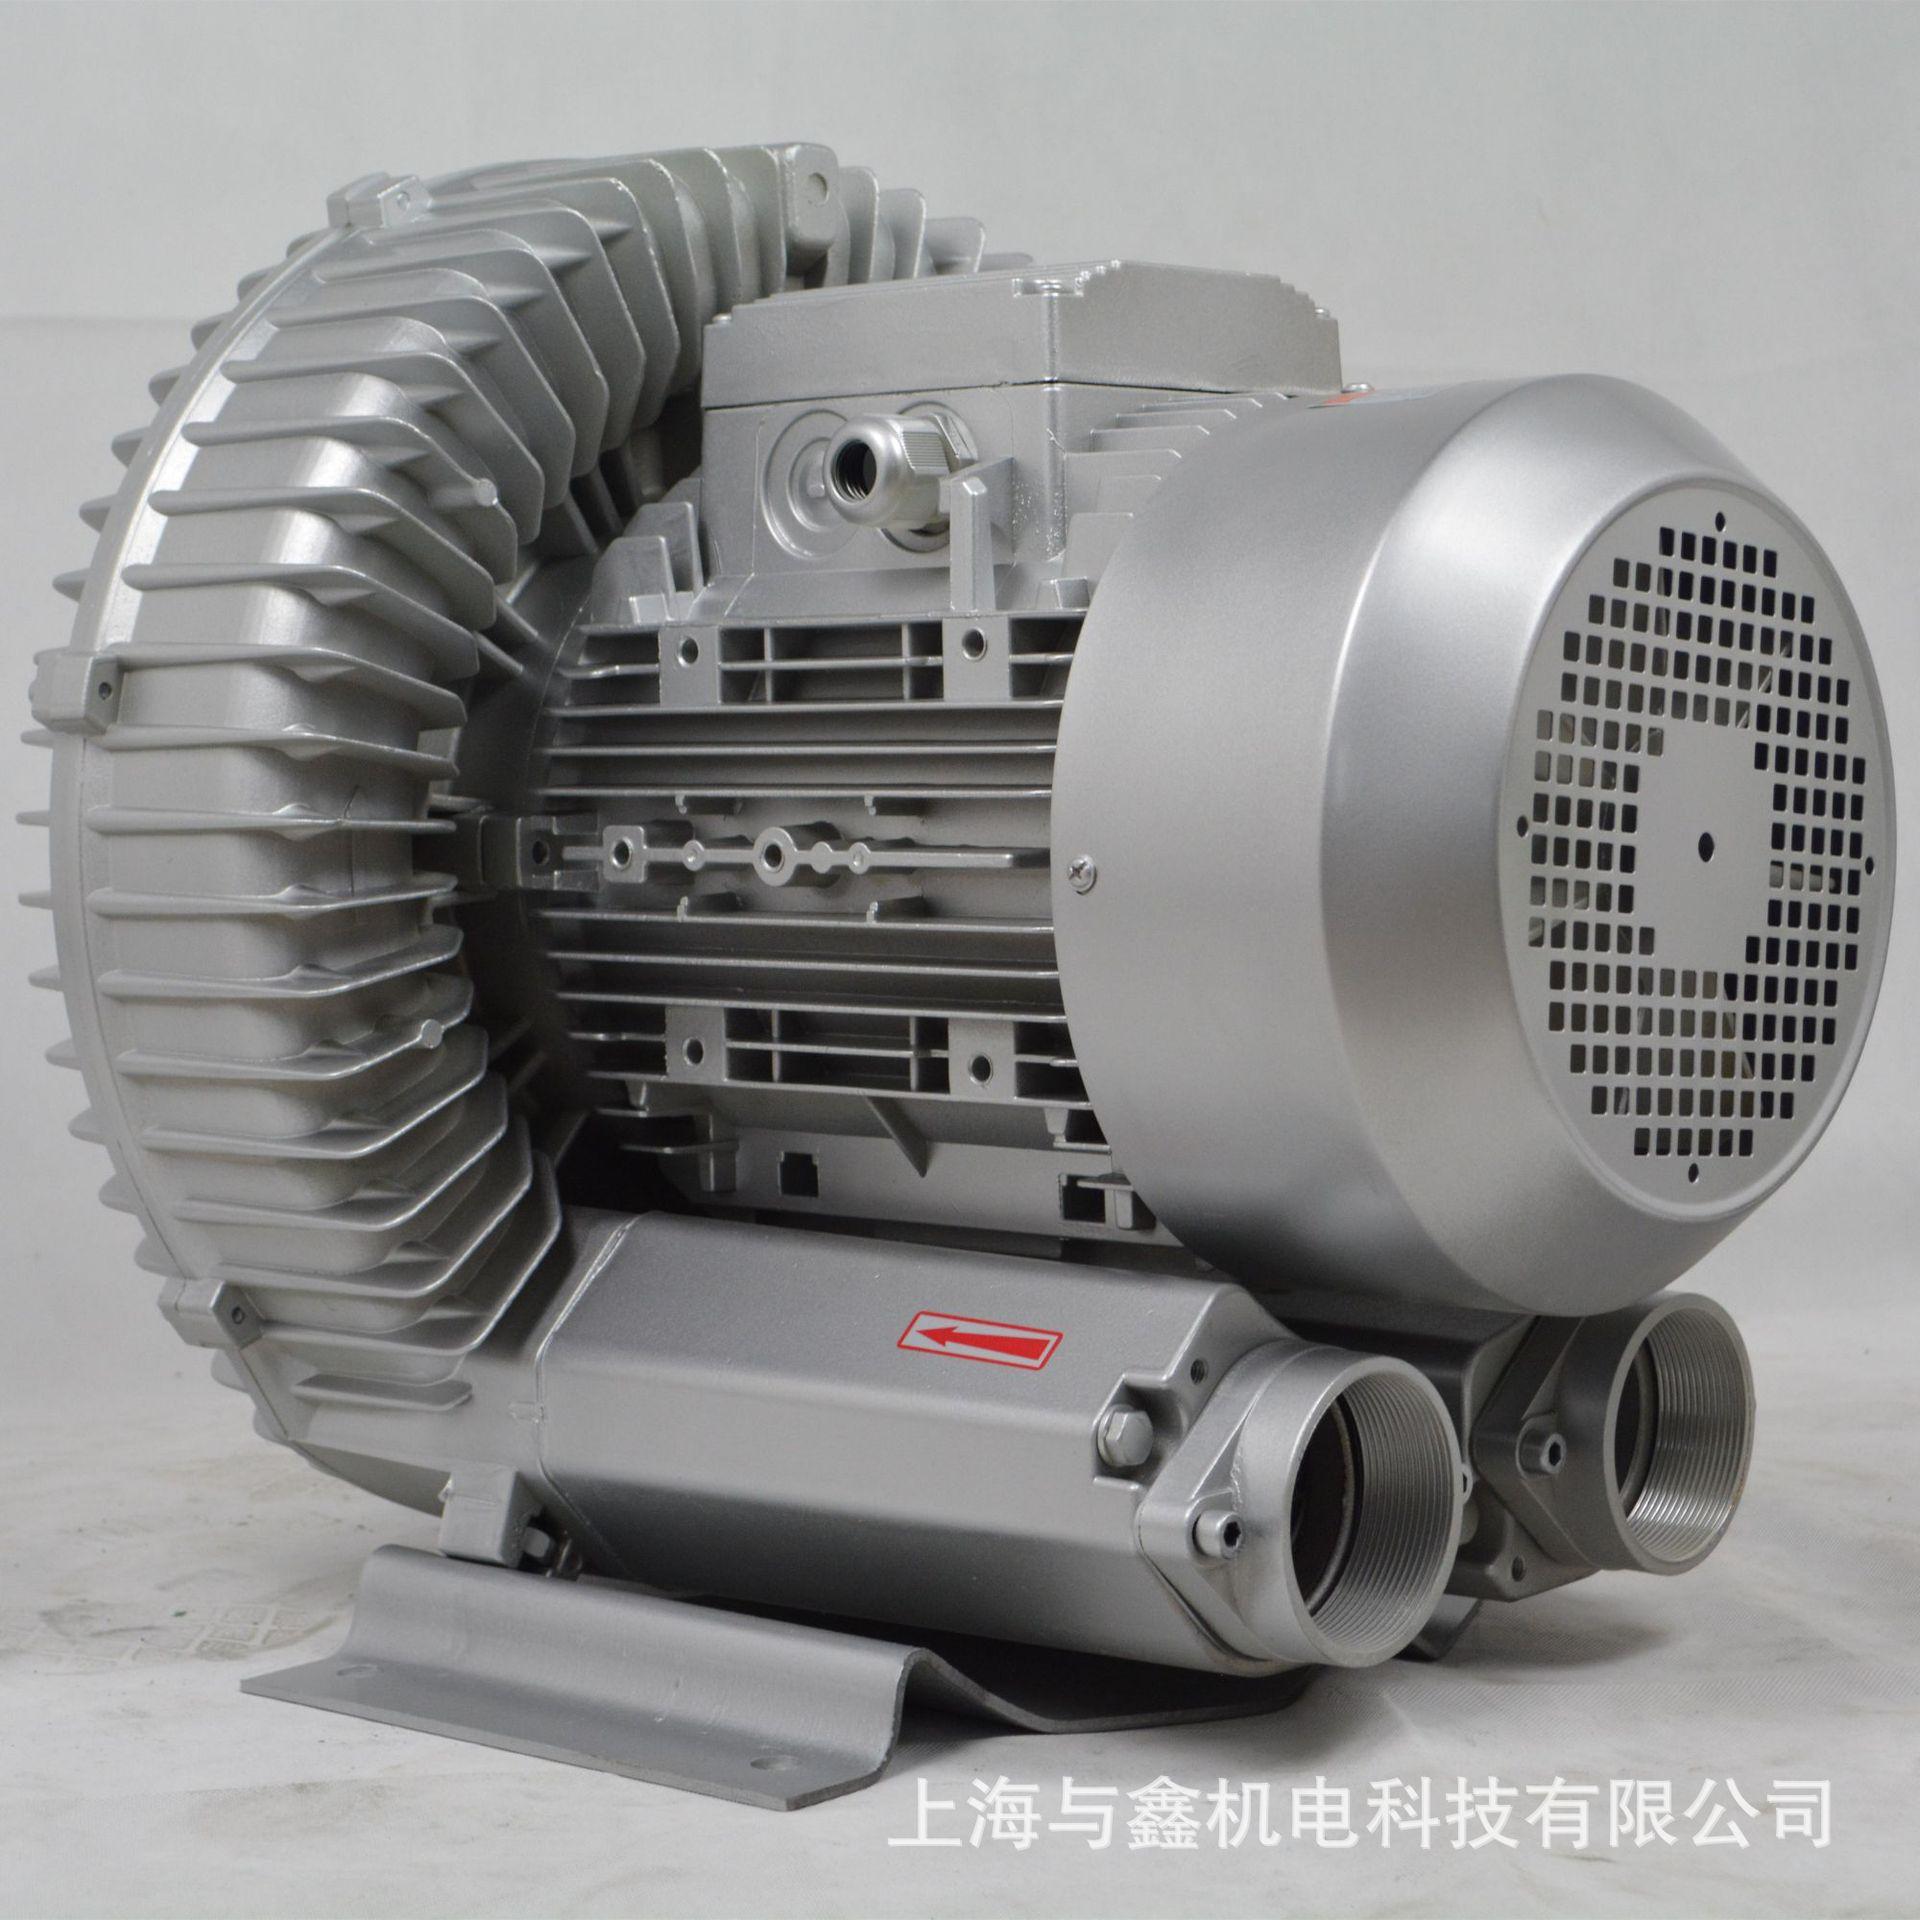 真空吸附高压风机 高负压旋涡气泵 漩涡风机示例图6